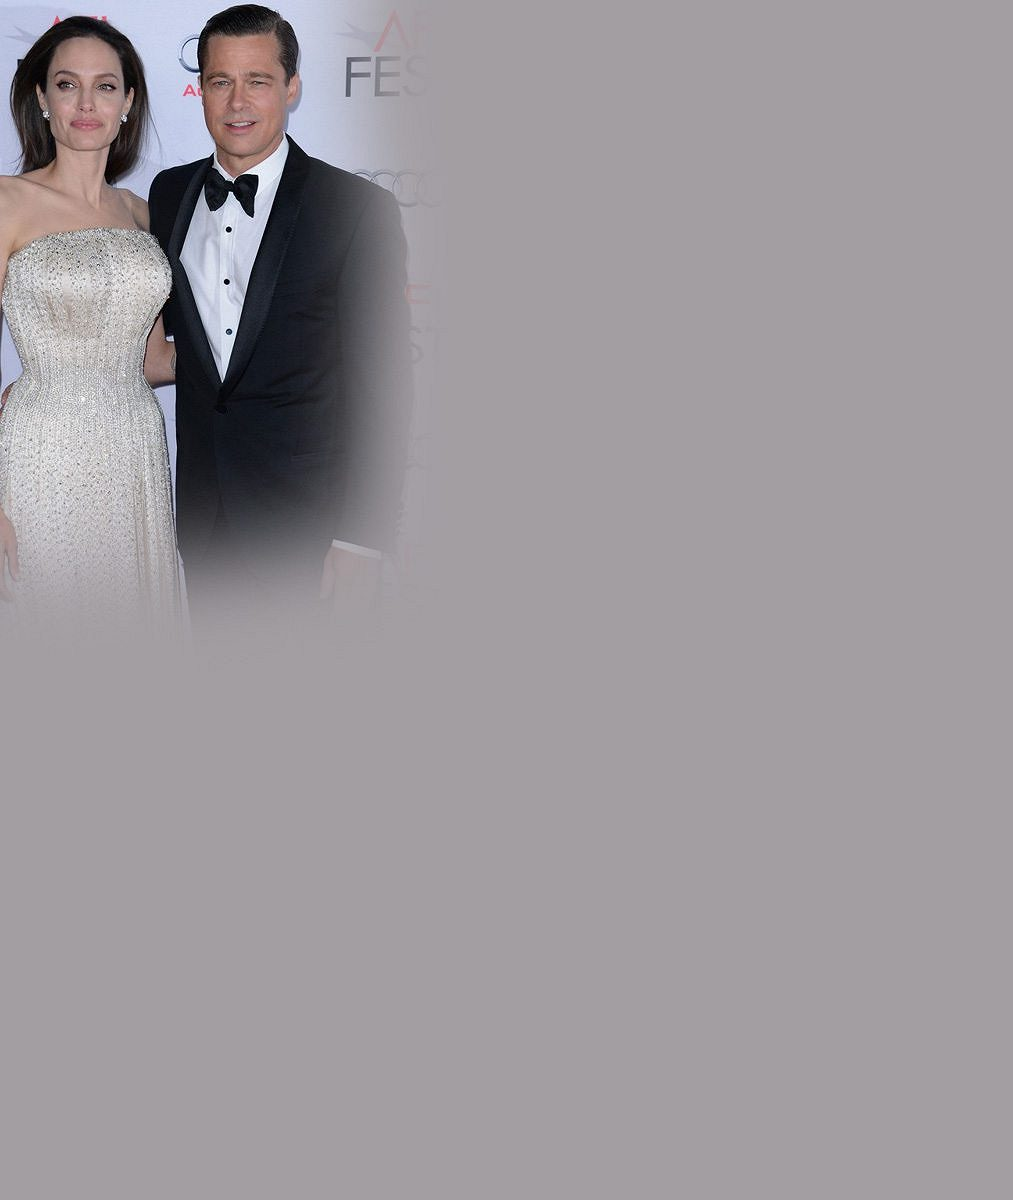 Kámoška Aniston si nebrala servítky: Angelina je blázen, nedivím se, že Brad musel hulit a chlastat